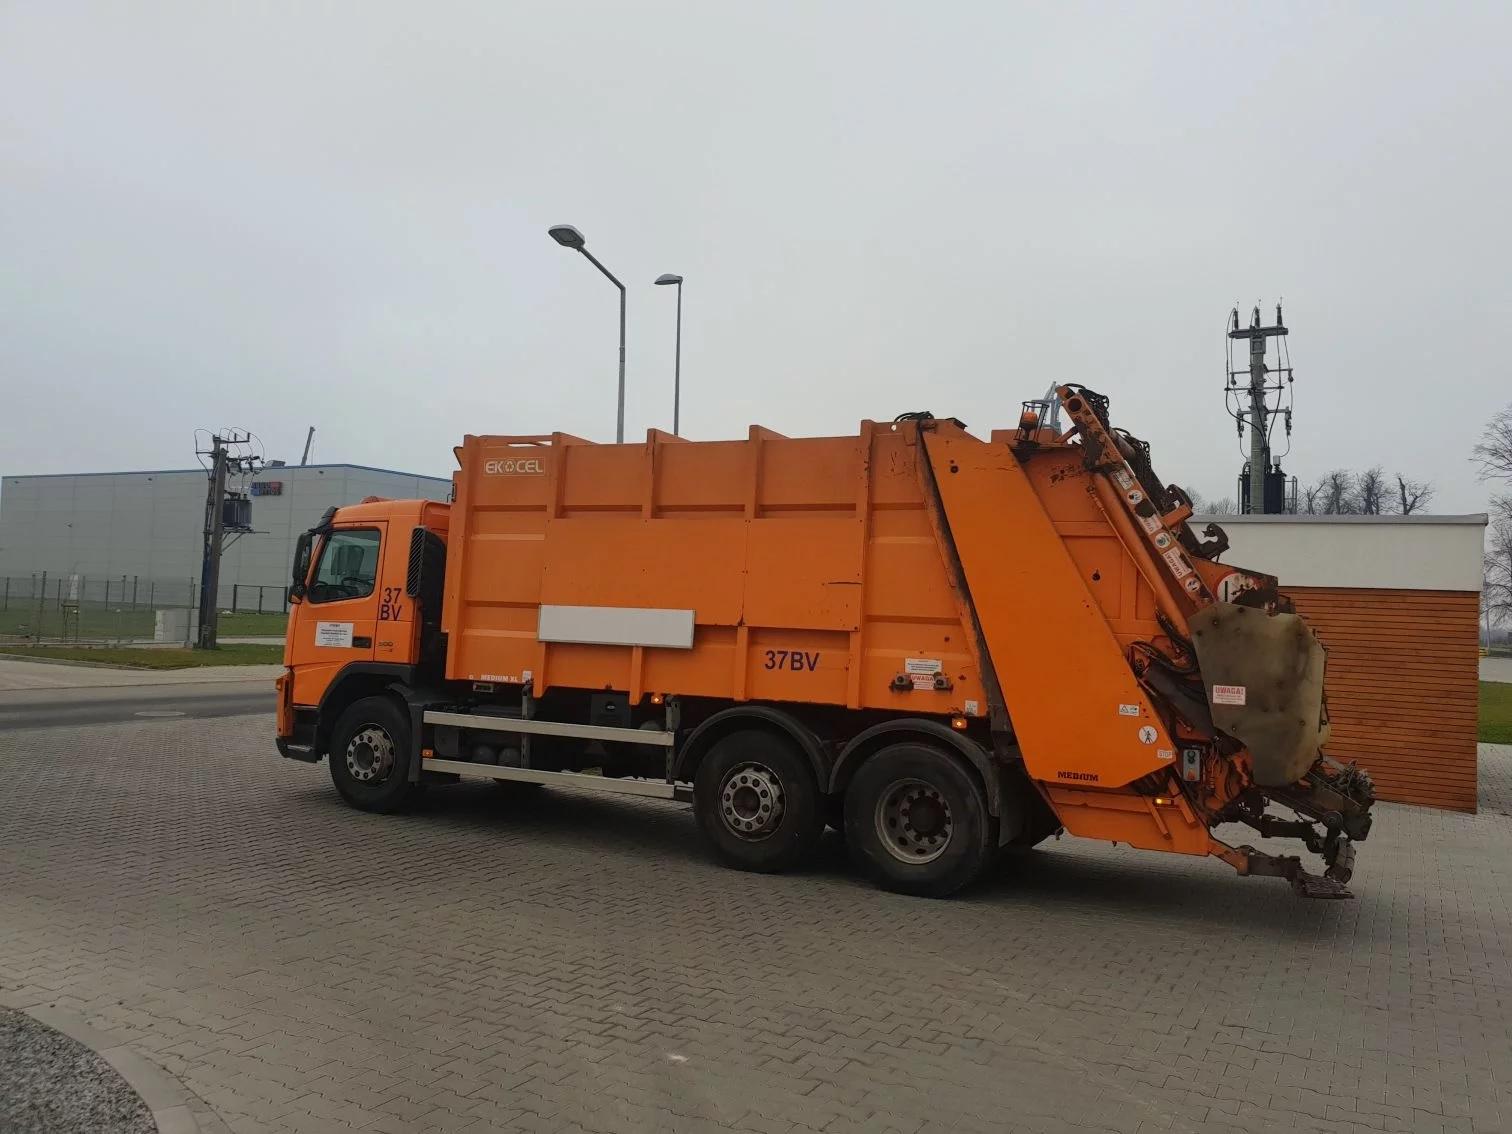 Ta gmina wiedzie prym w regionie w stawkach za wywóz śmieci